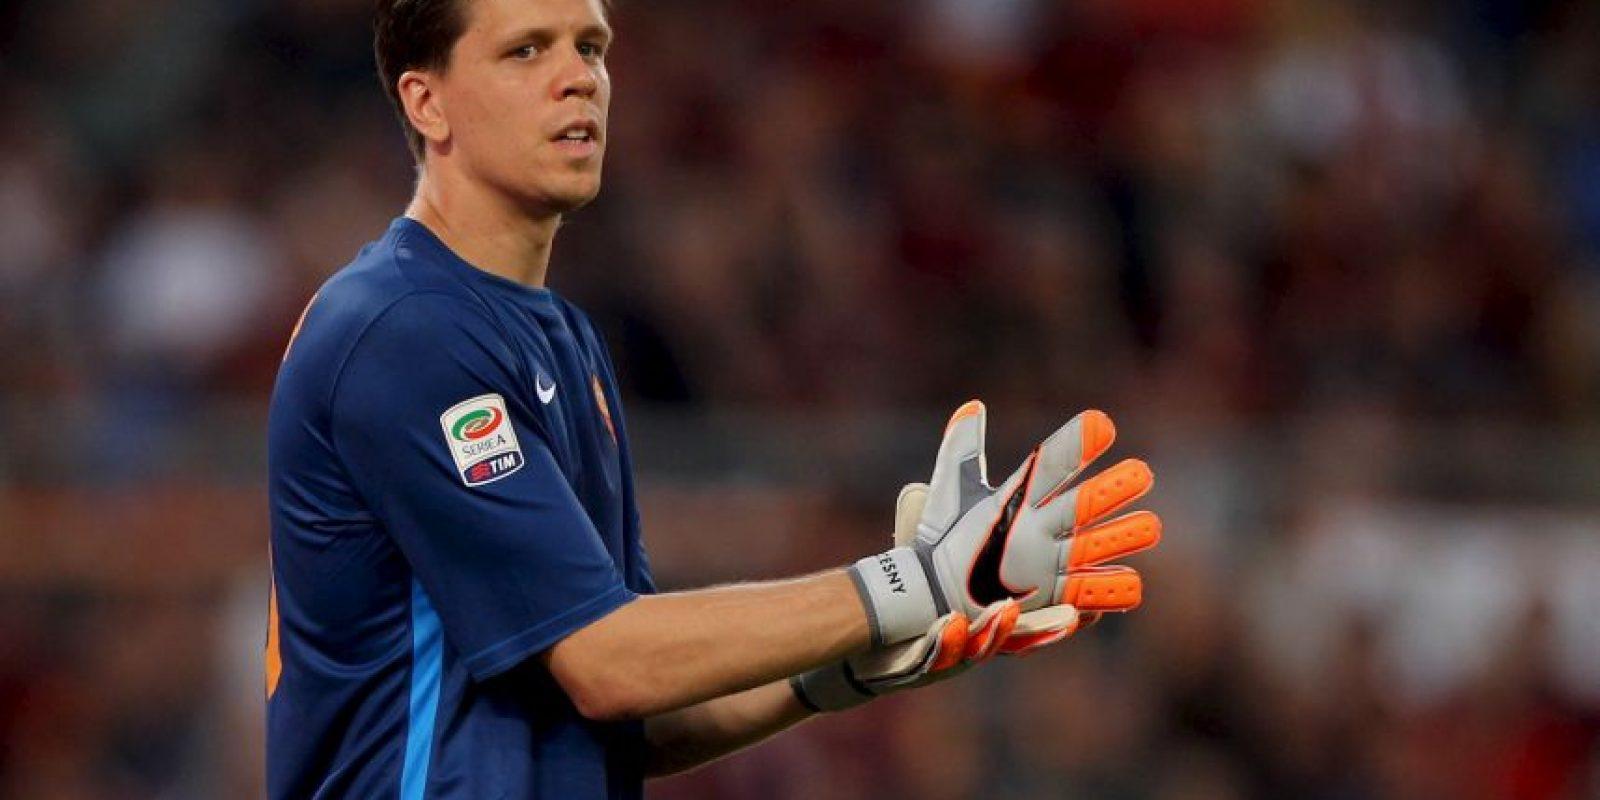 Comenzó a jugar fútbol en el club local Agrykola Warszawa, luego pasó al Legia de Varsovia, pero nunca llegó al primer equipo. Foto:Getty Images